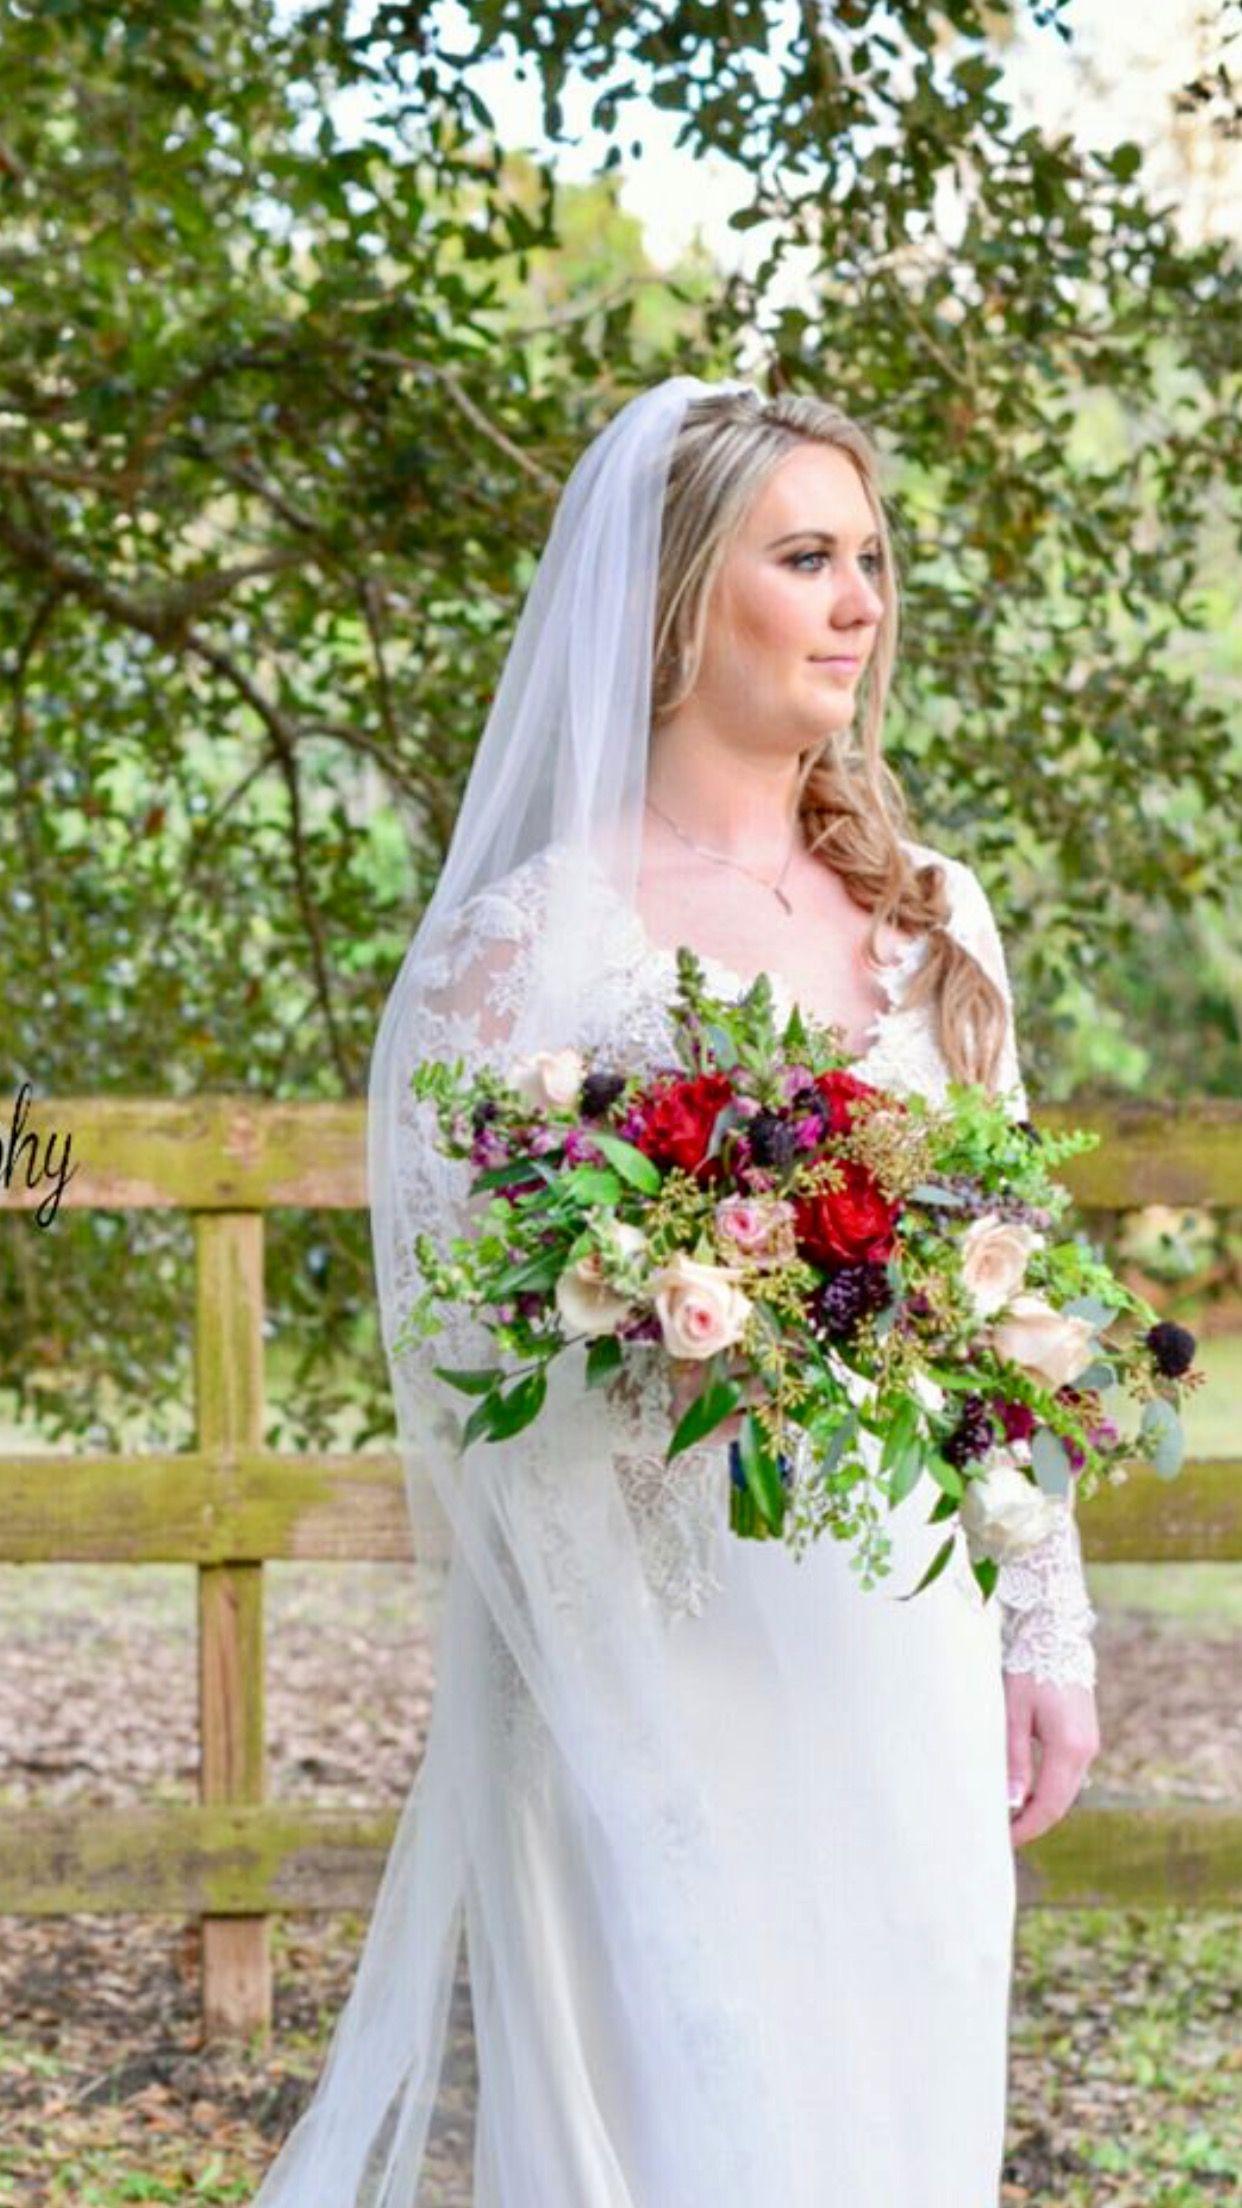 RusicWeddings WeddingFlowers CountryWeddings